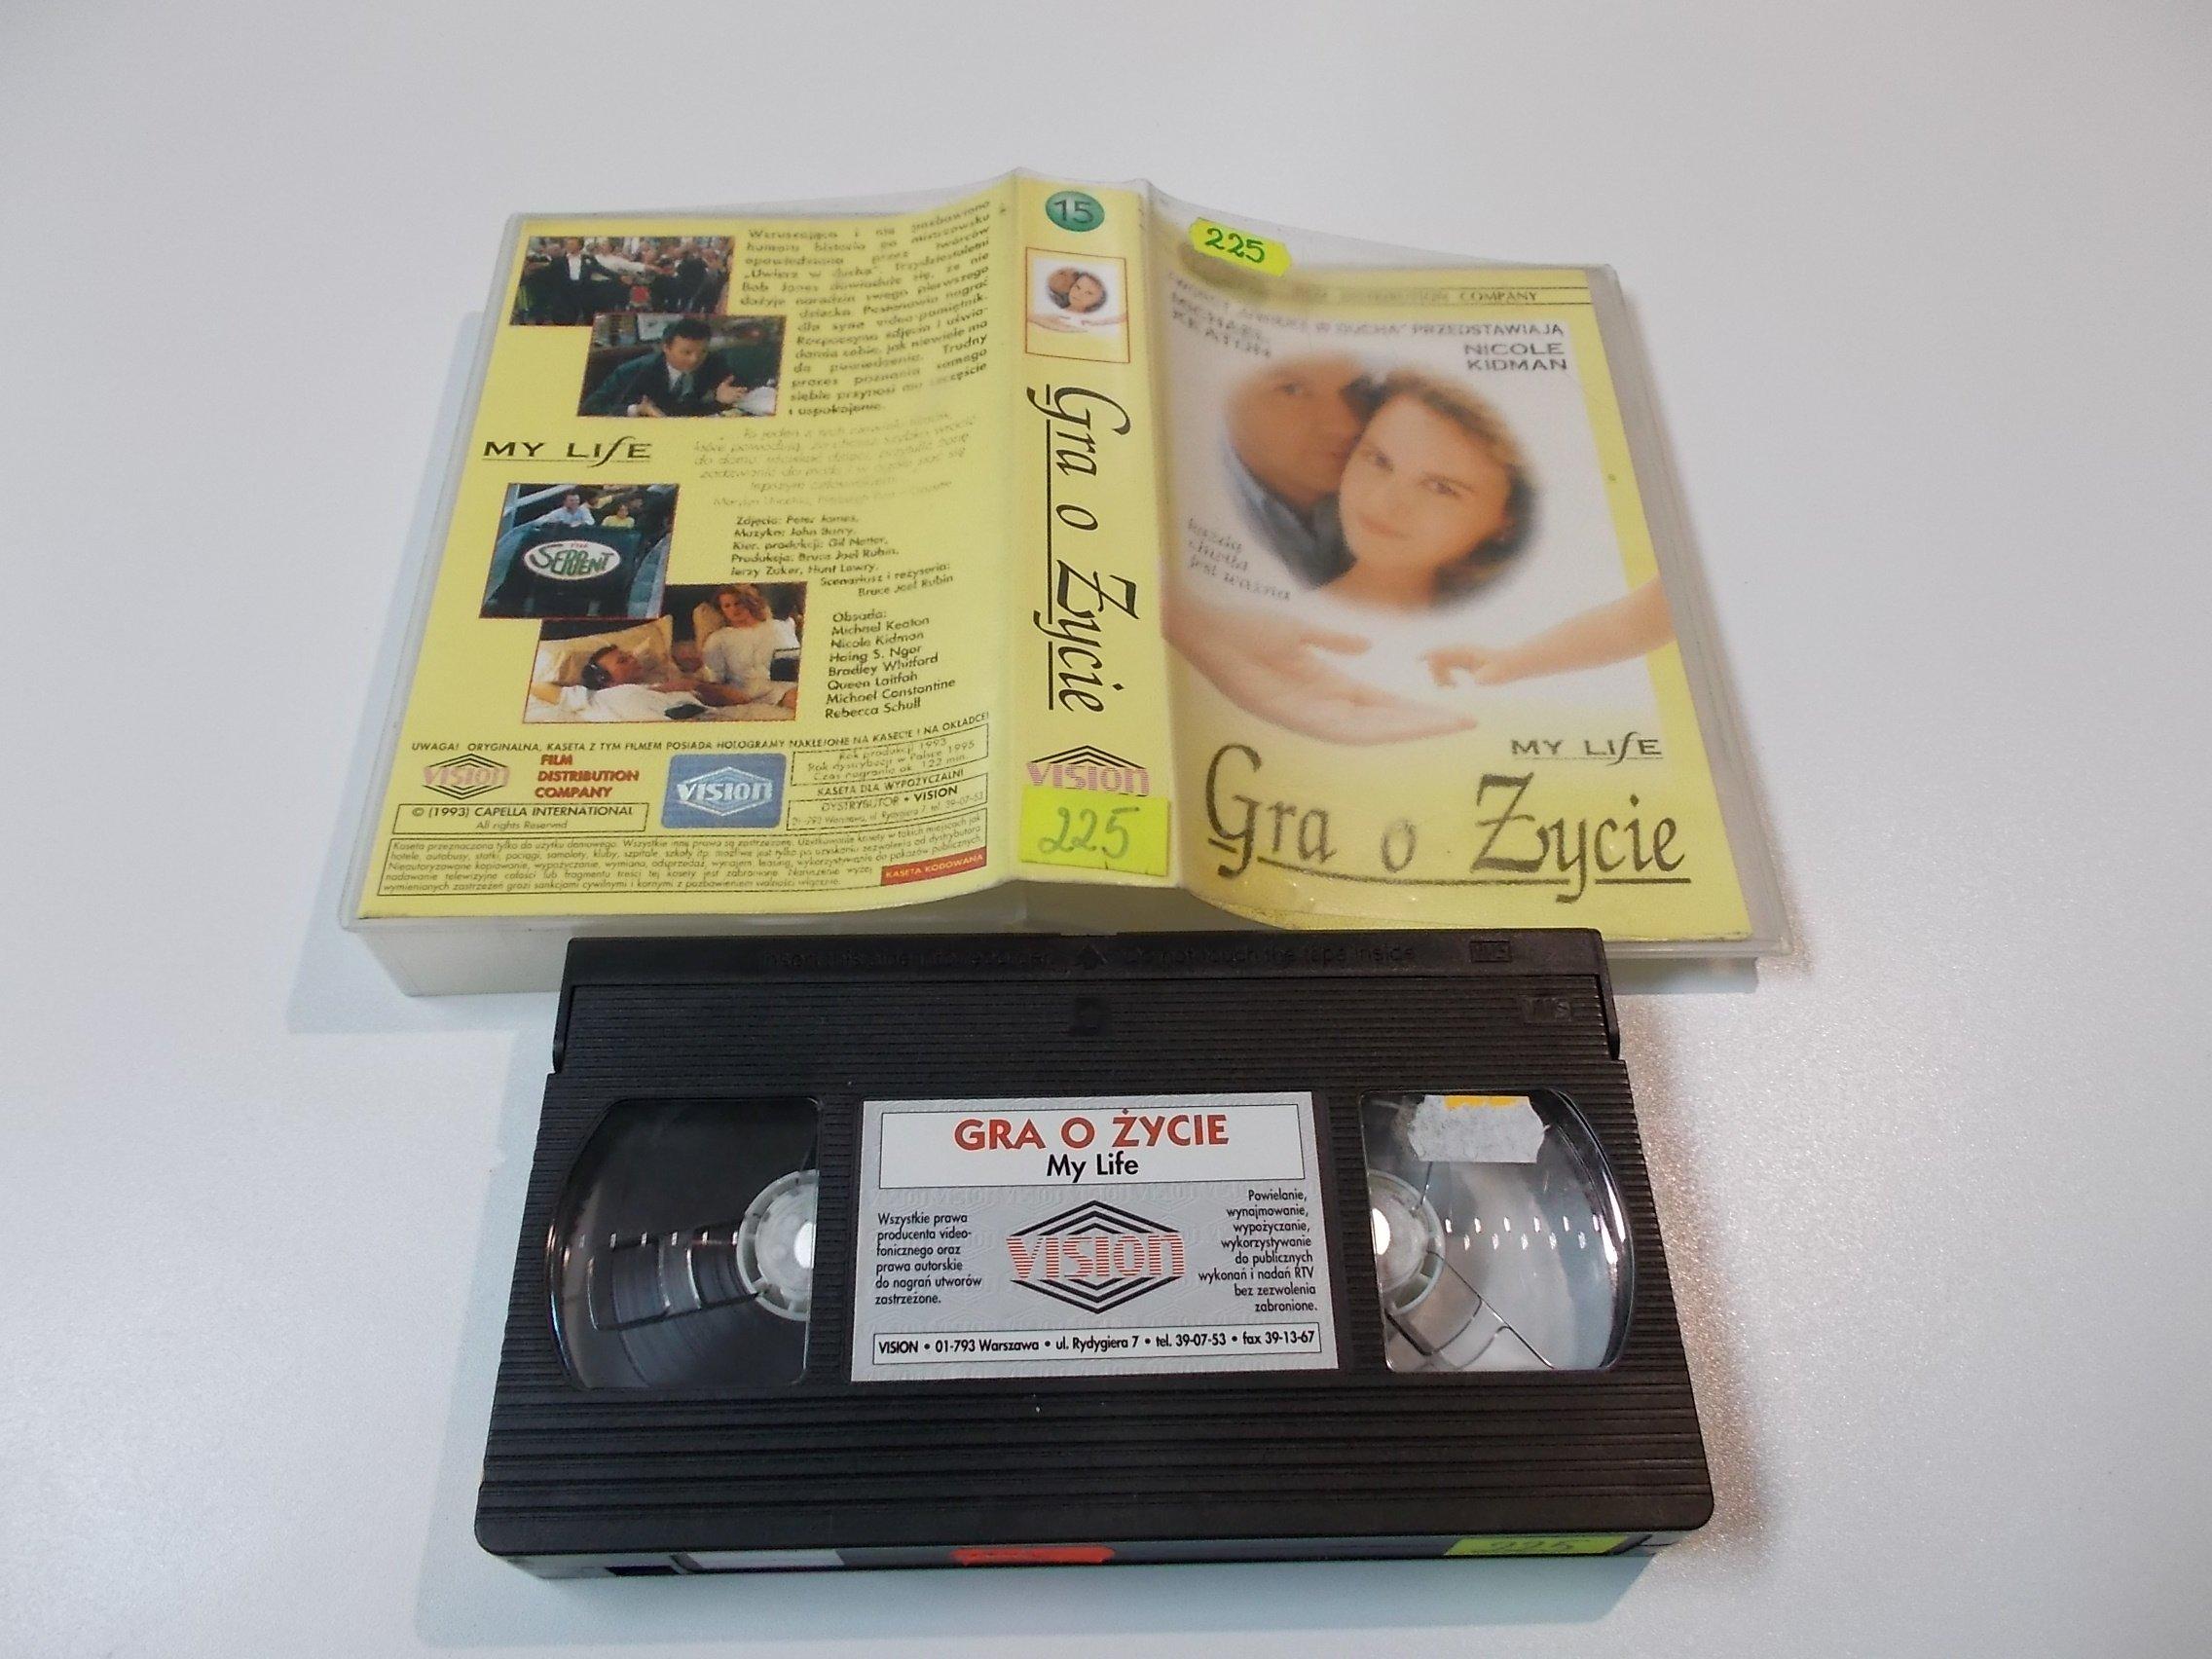 GRA O ŻYCIE - kaseta Video VHS - 1459 Sklep